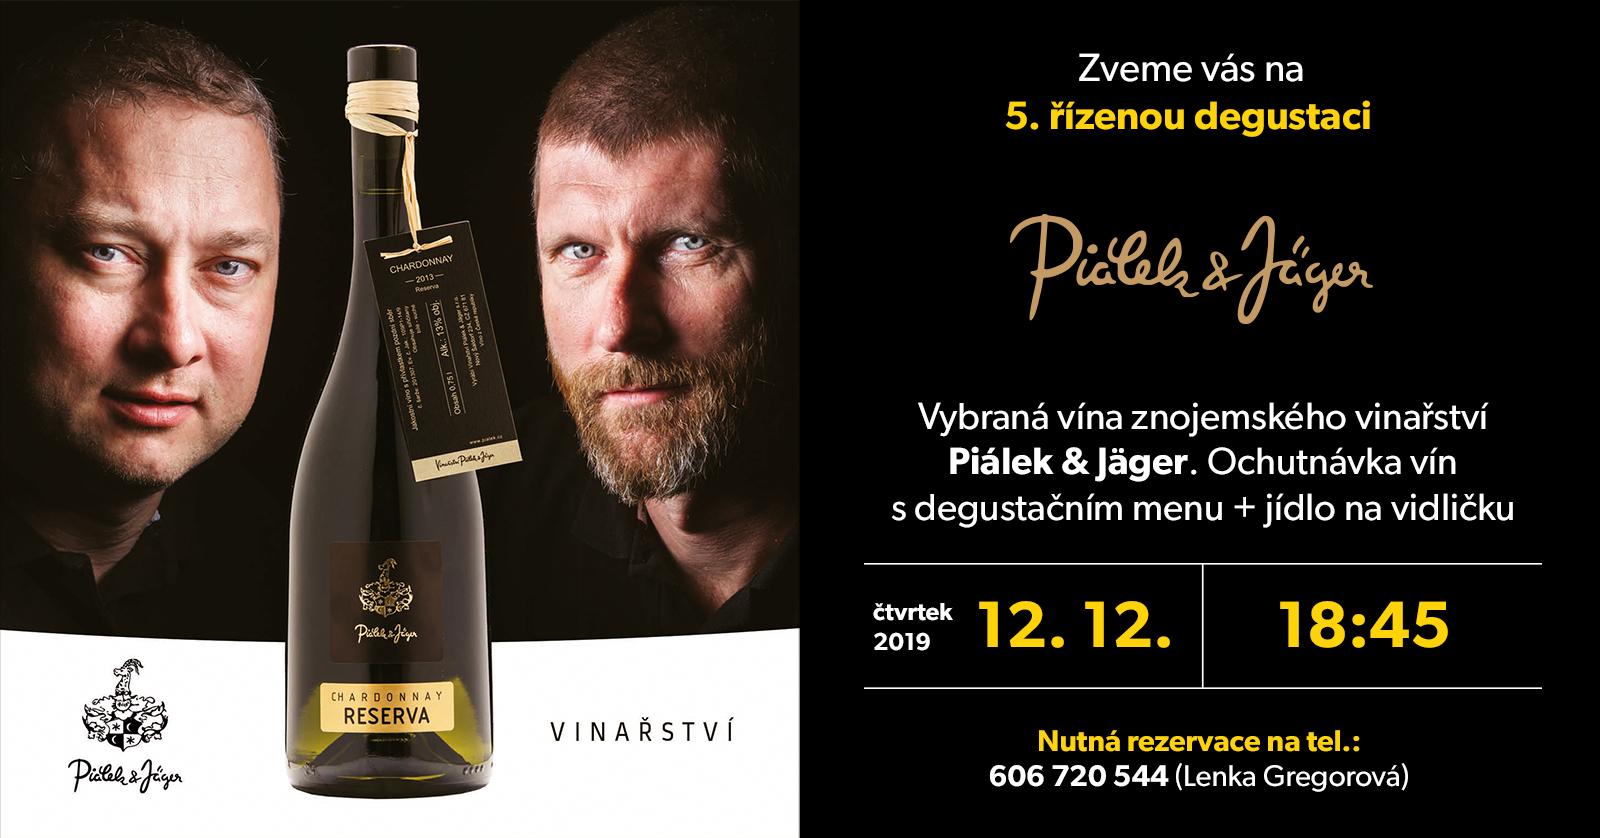 Vína Piálek a Jäger - degustace ve Znojmě